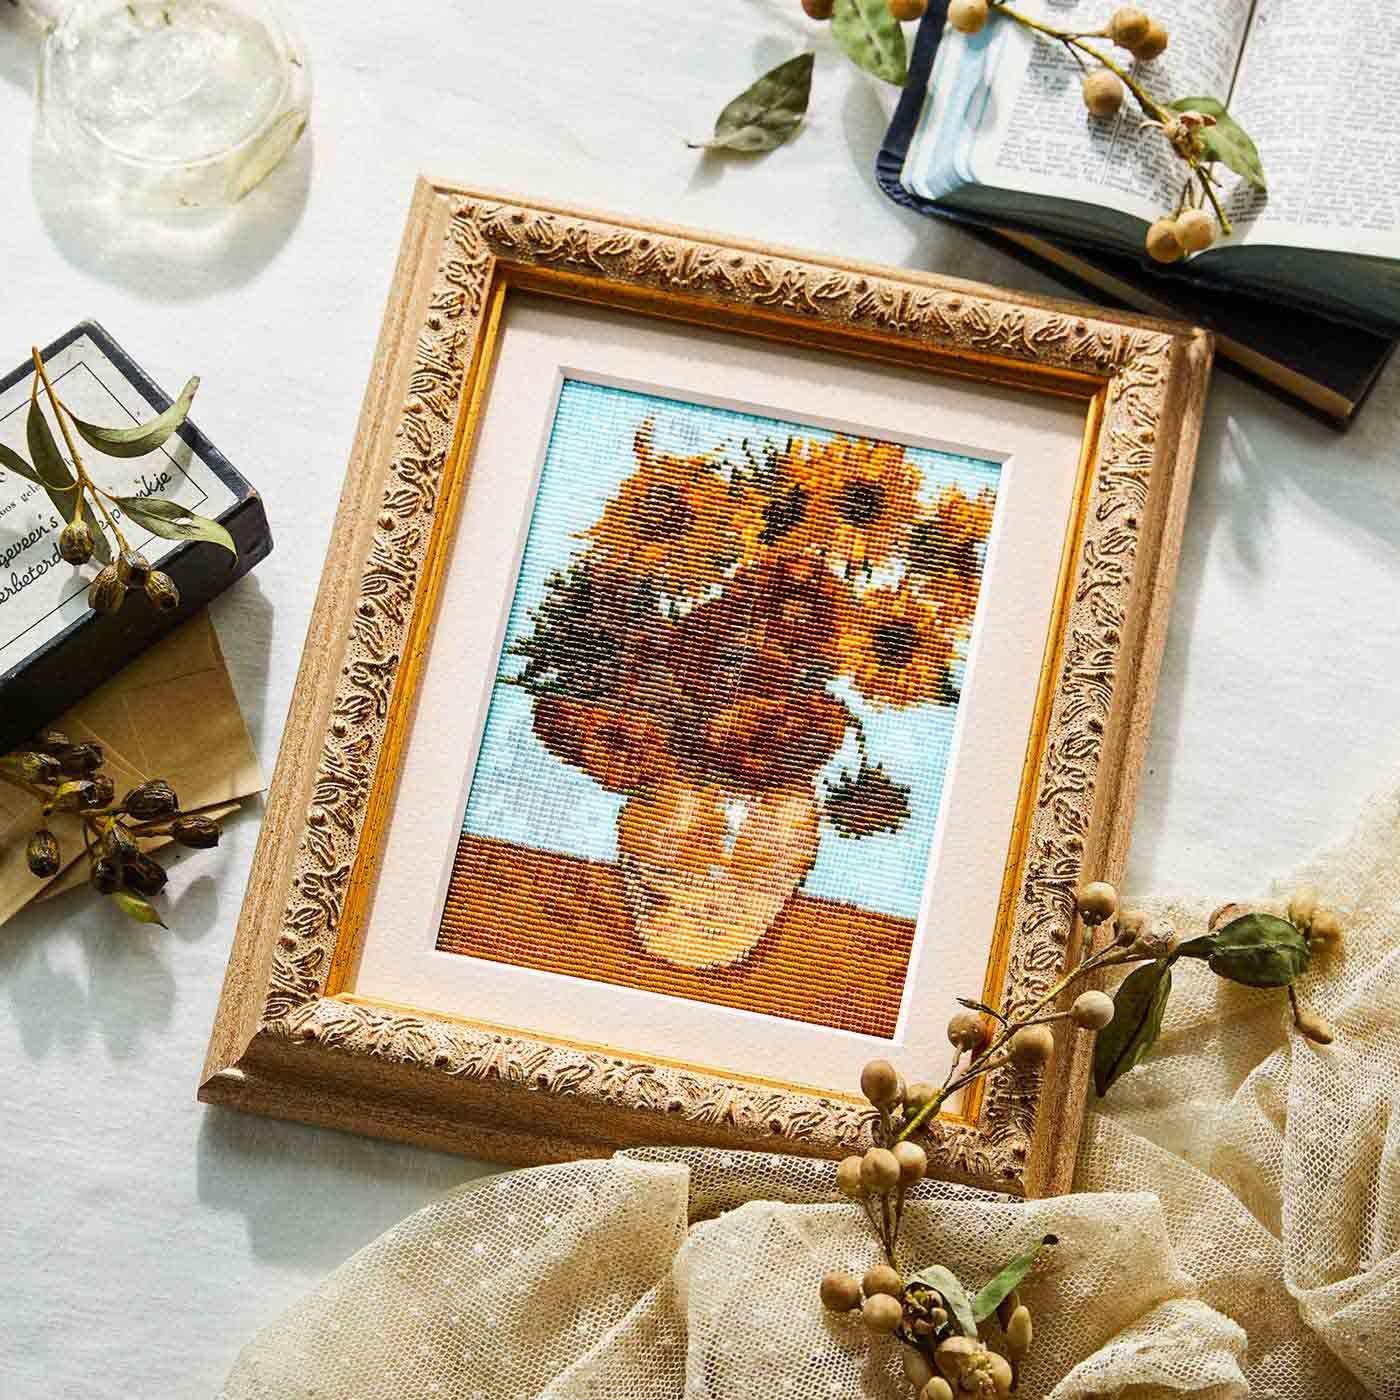 ビーズ織りの モネ・ルノワール・ゴッホ 印象派 花の名画の会